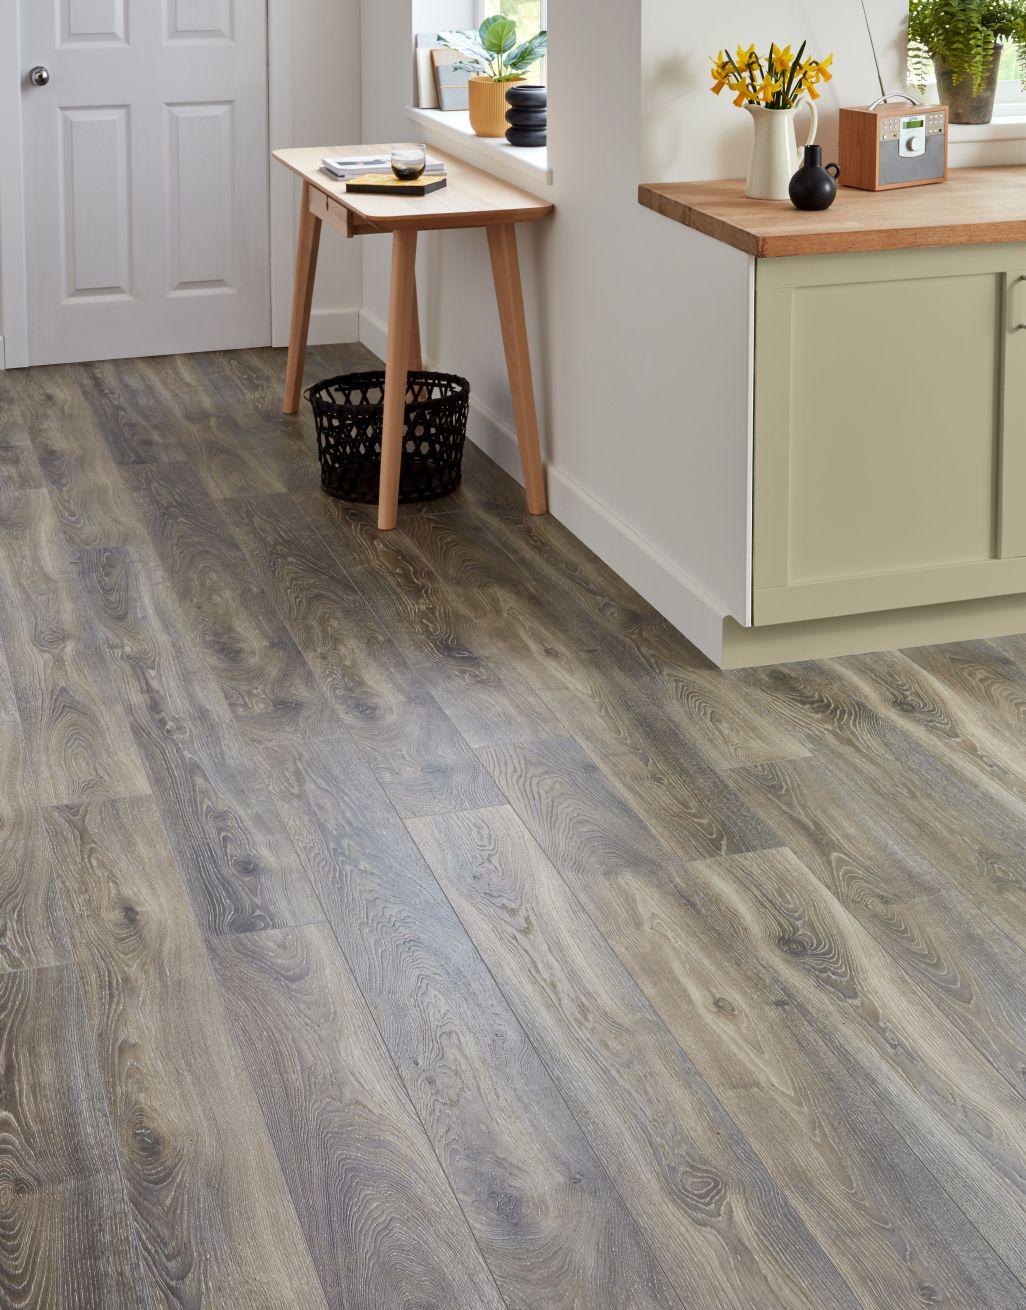 Highland Oak Titan Laminate Flooring, Winterton Oak Laminate Flooring